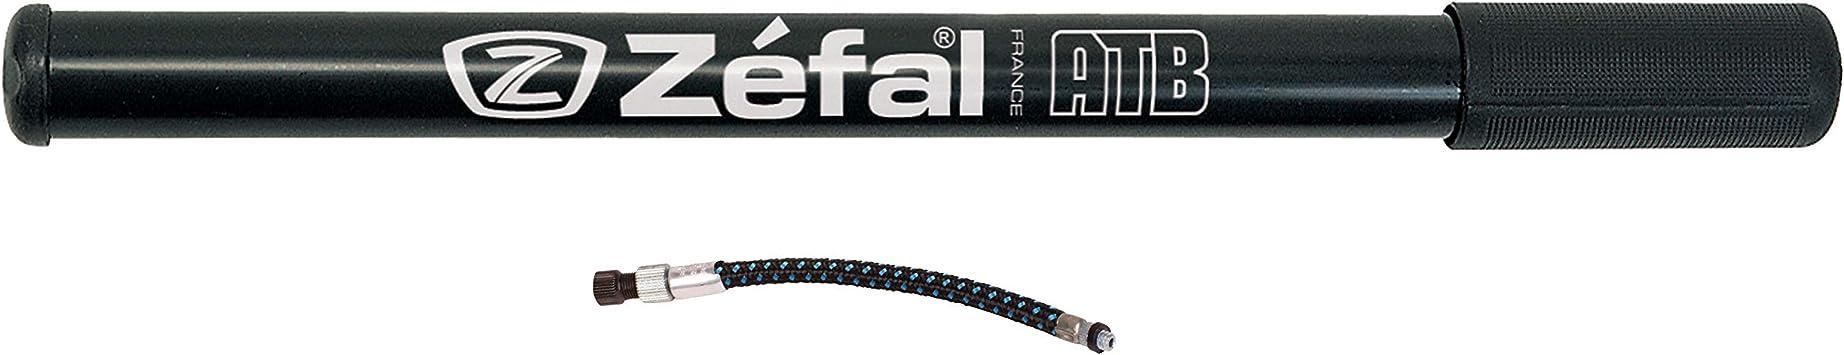 Zefal Cadre Pompe rev-88 longueur 1 RH 435-475 mm Noir